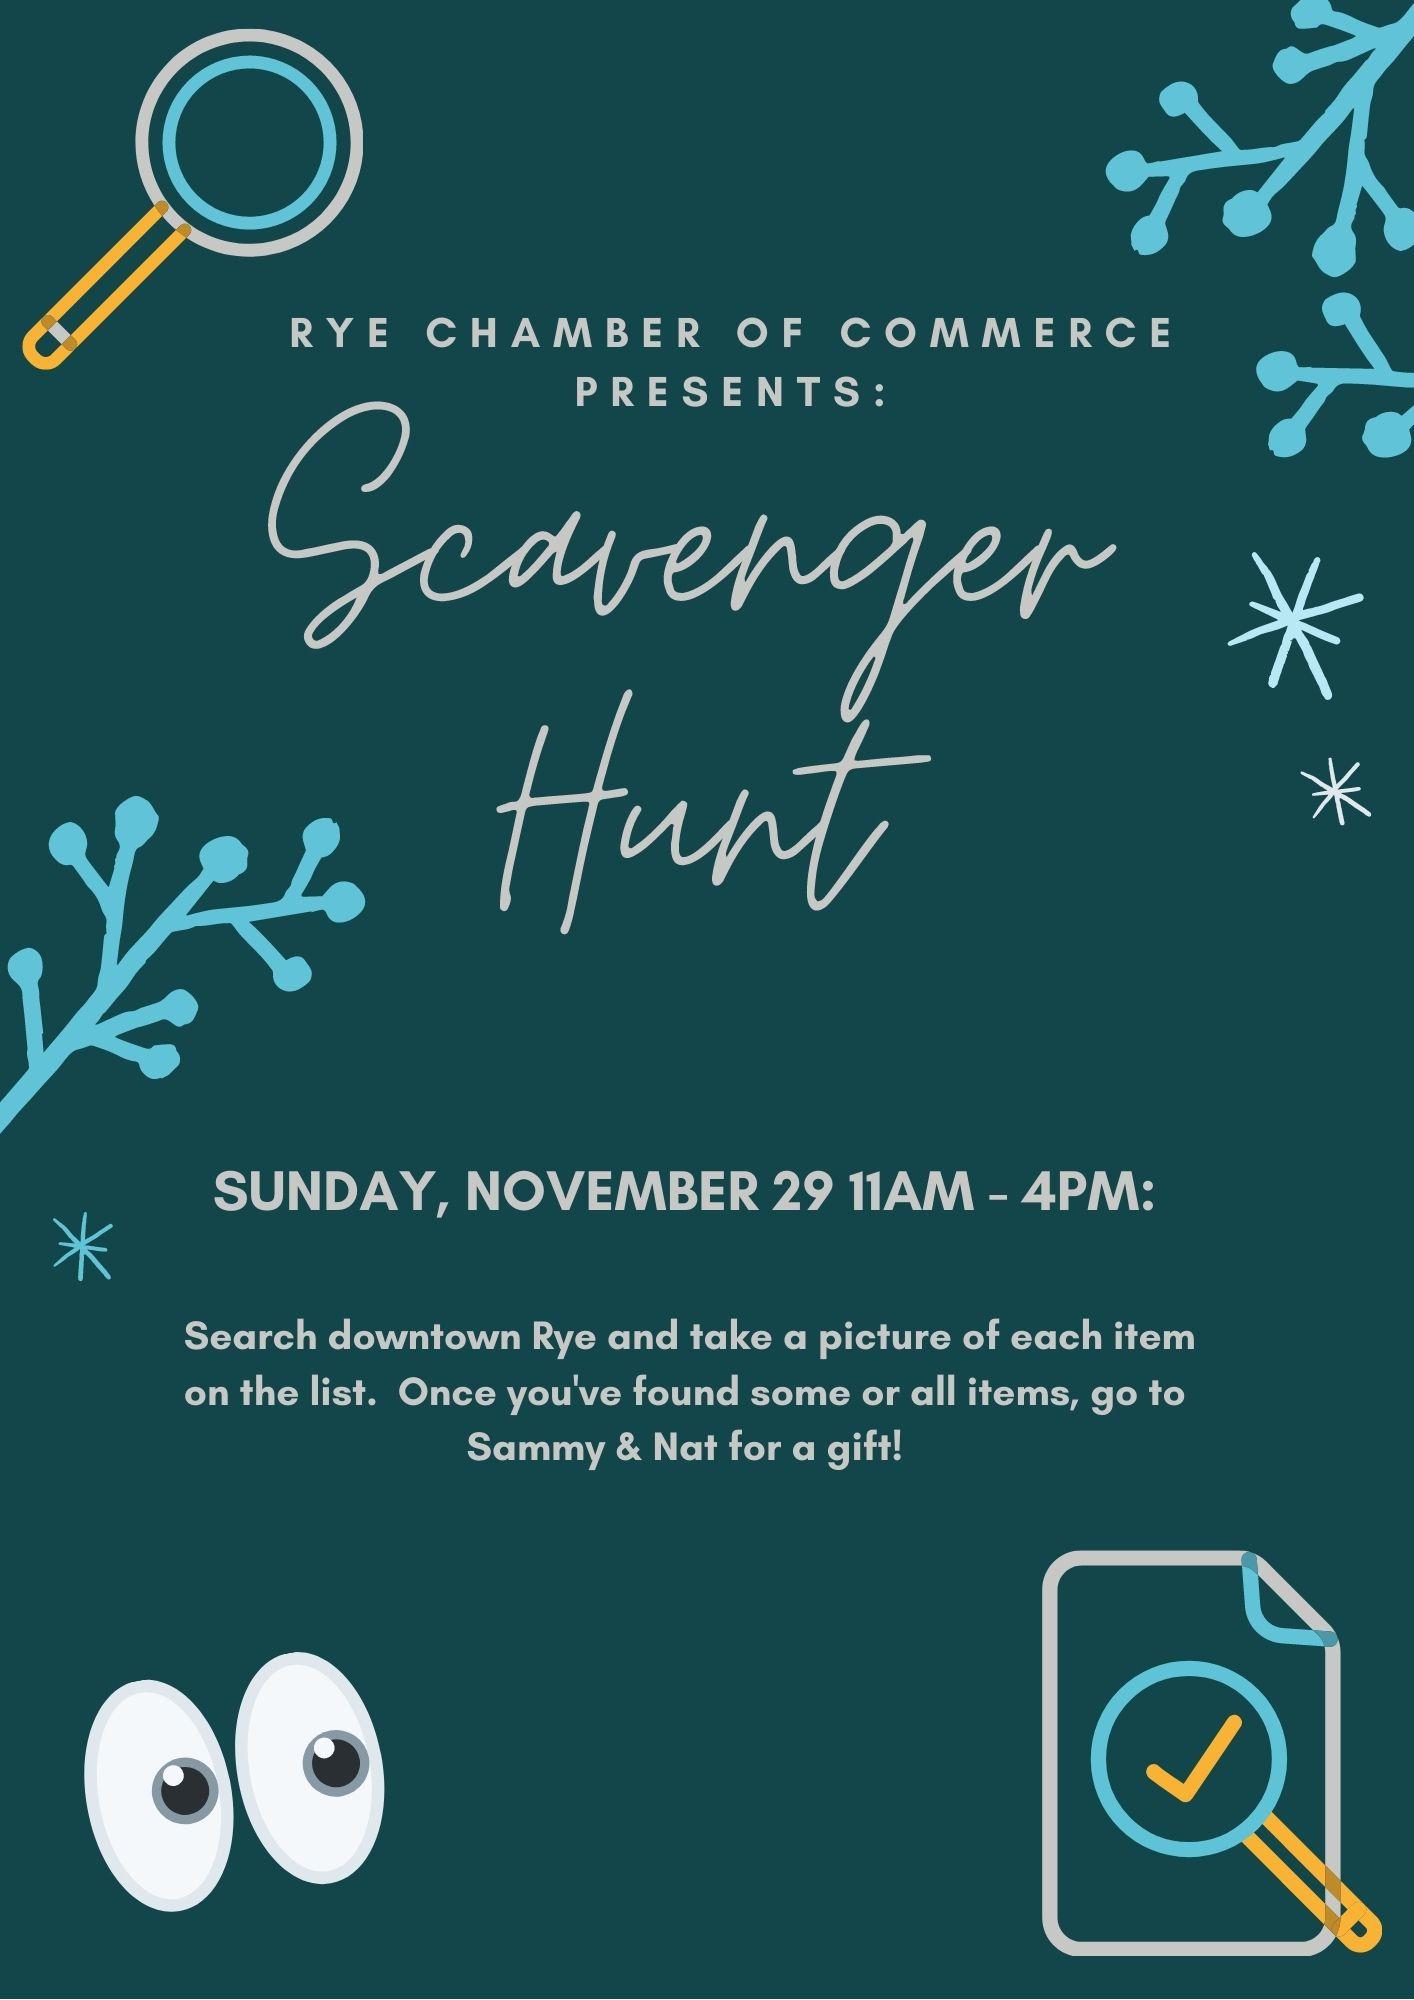 Rye Chamber of Commerce - 11-29-2020 Scavenger Hunt